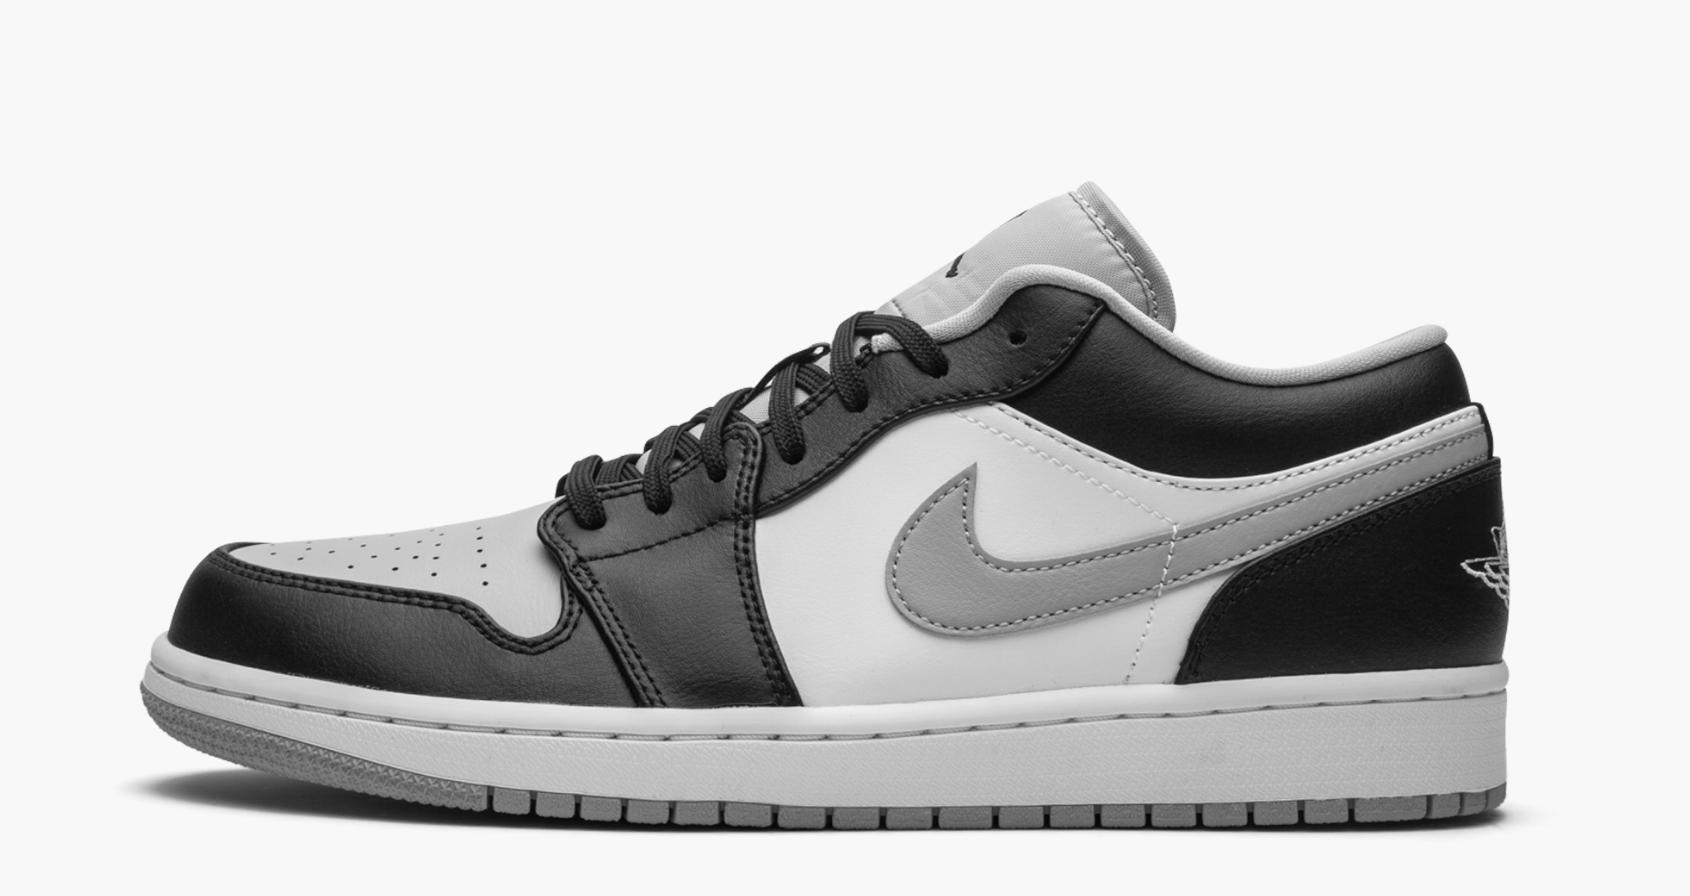 Nike Dunk Lows